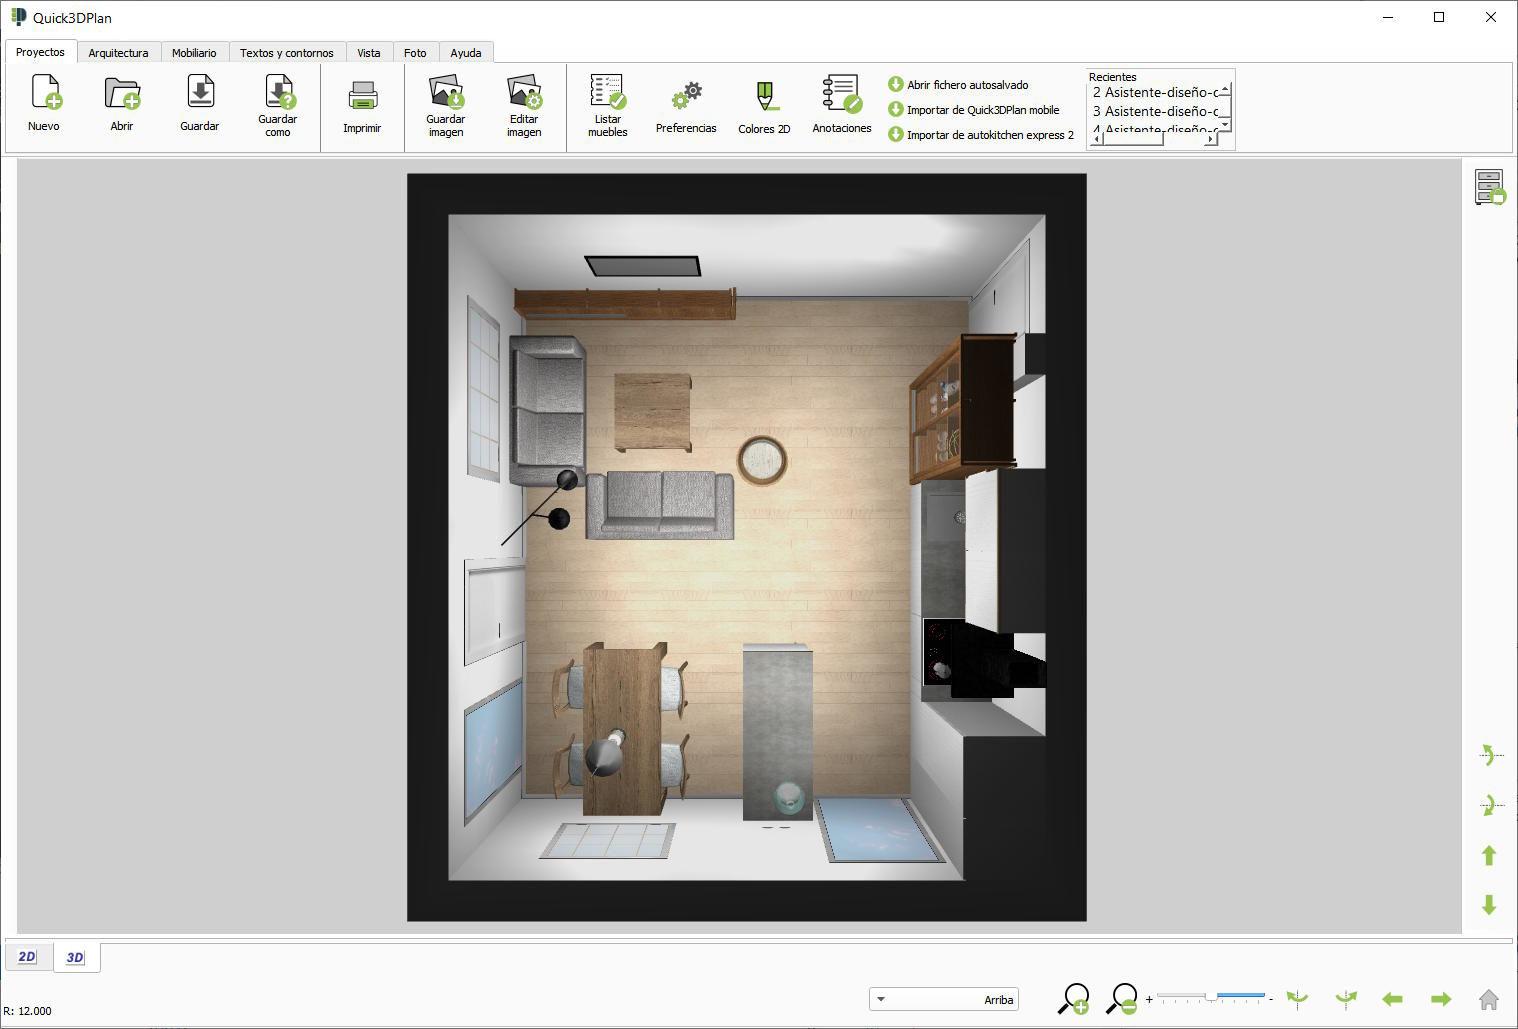 Aplicacion para dise ar cocinas en 3d casa dise o for Aplicacion para disenar cocinas